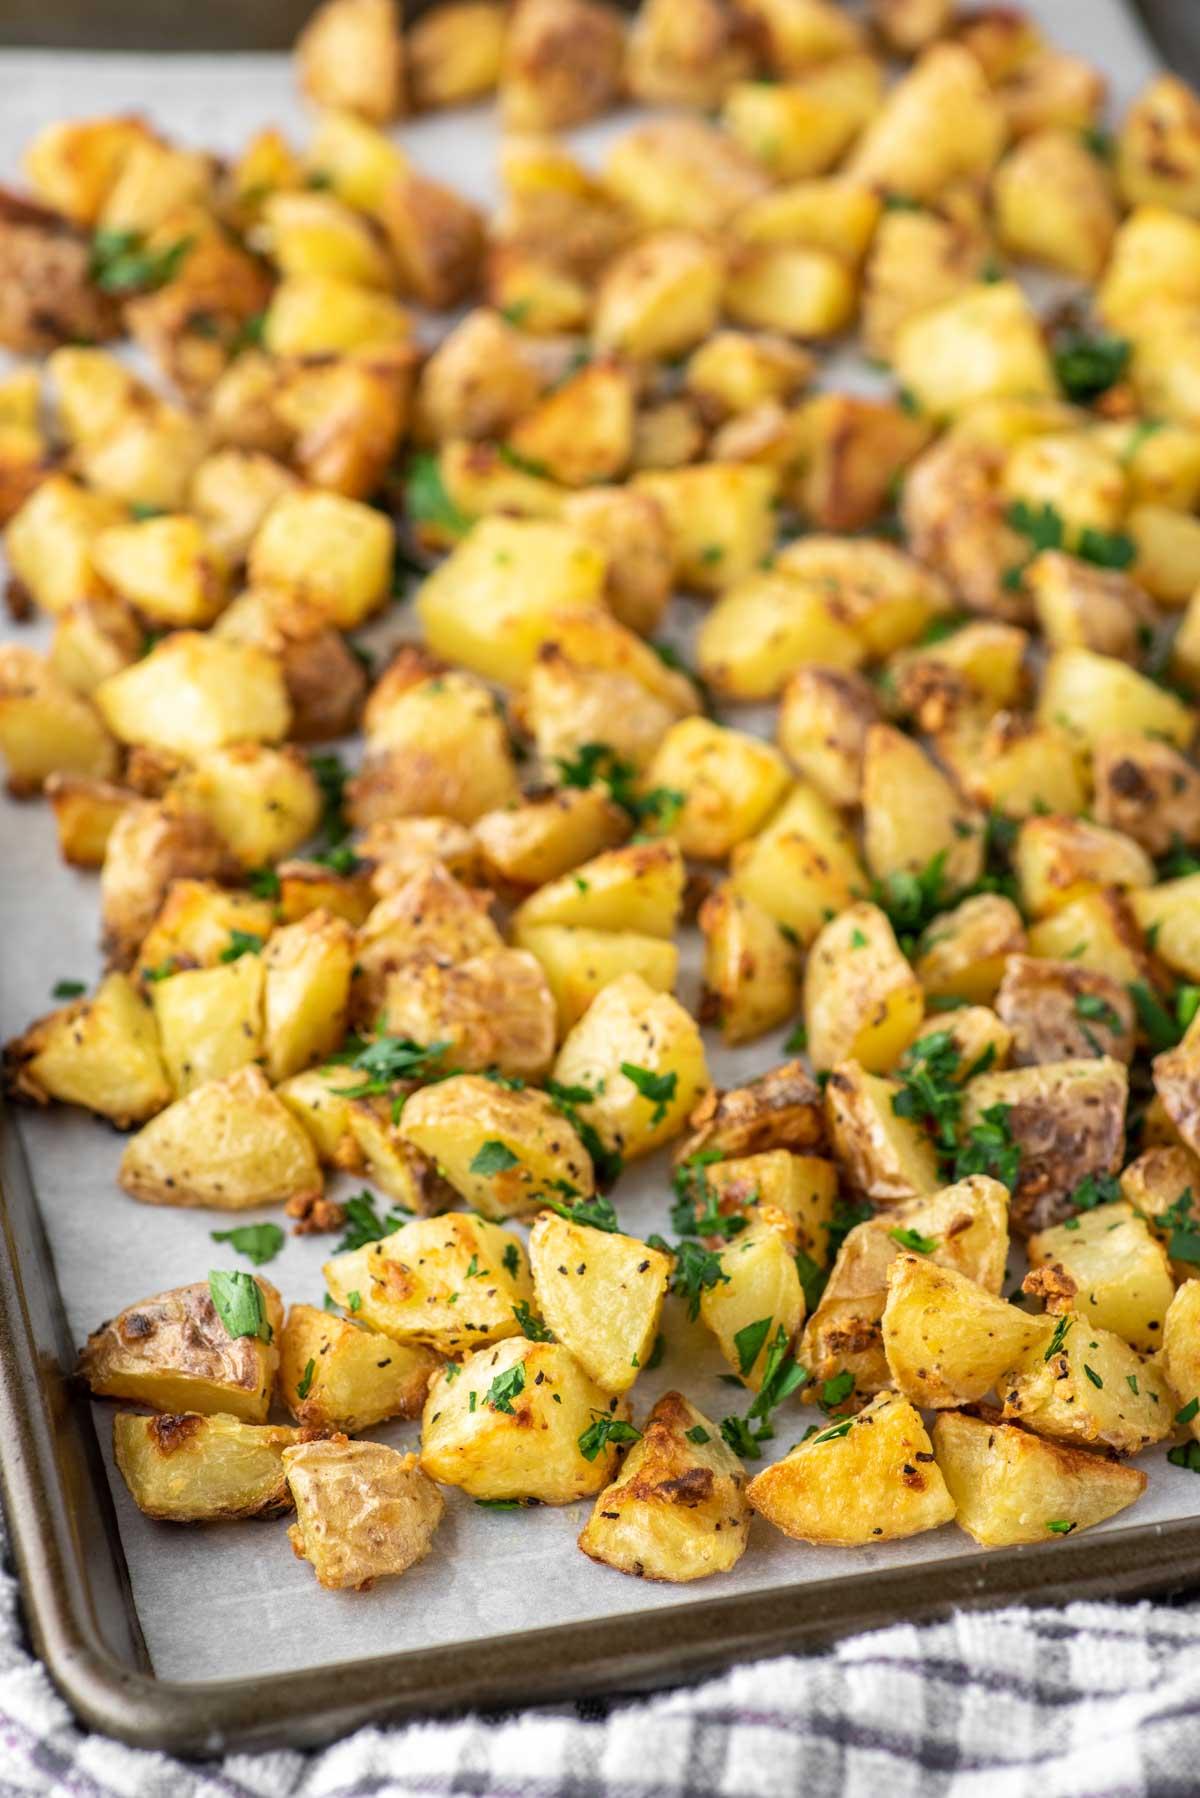 crispy roasted potatoes in baking sheet